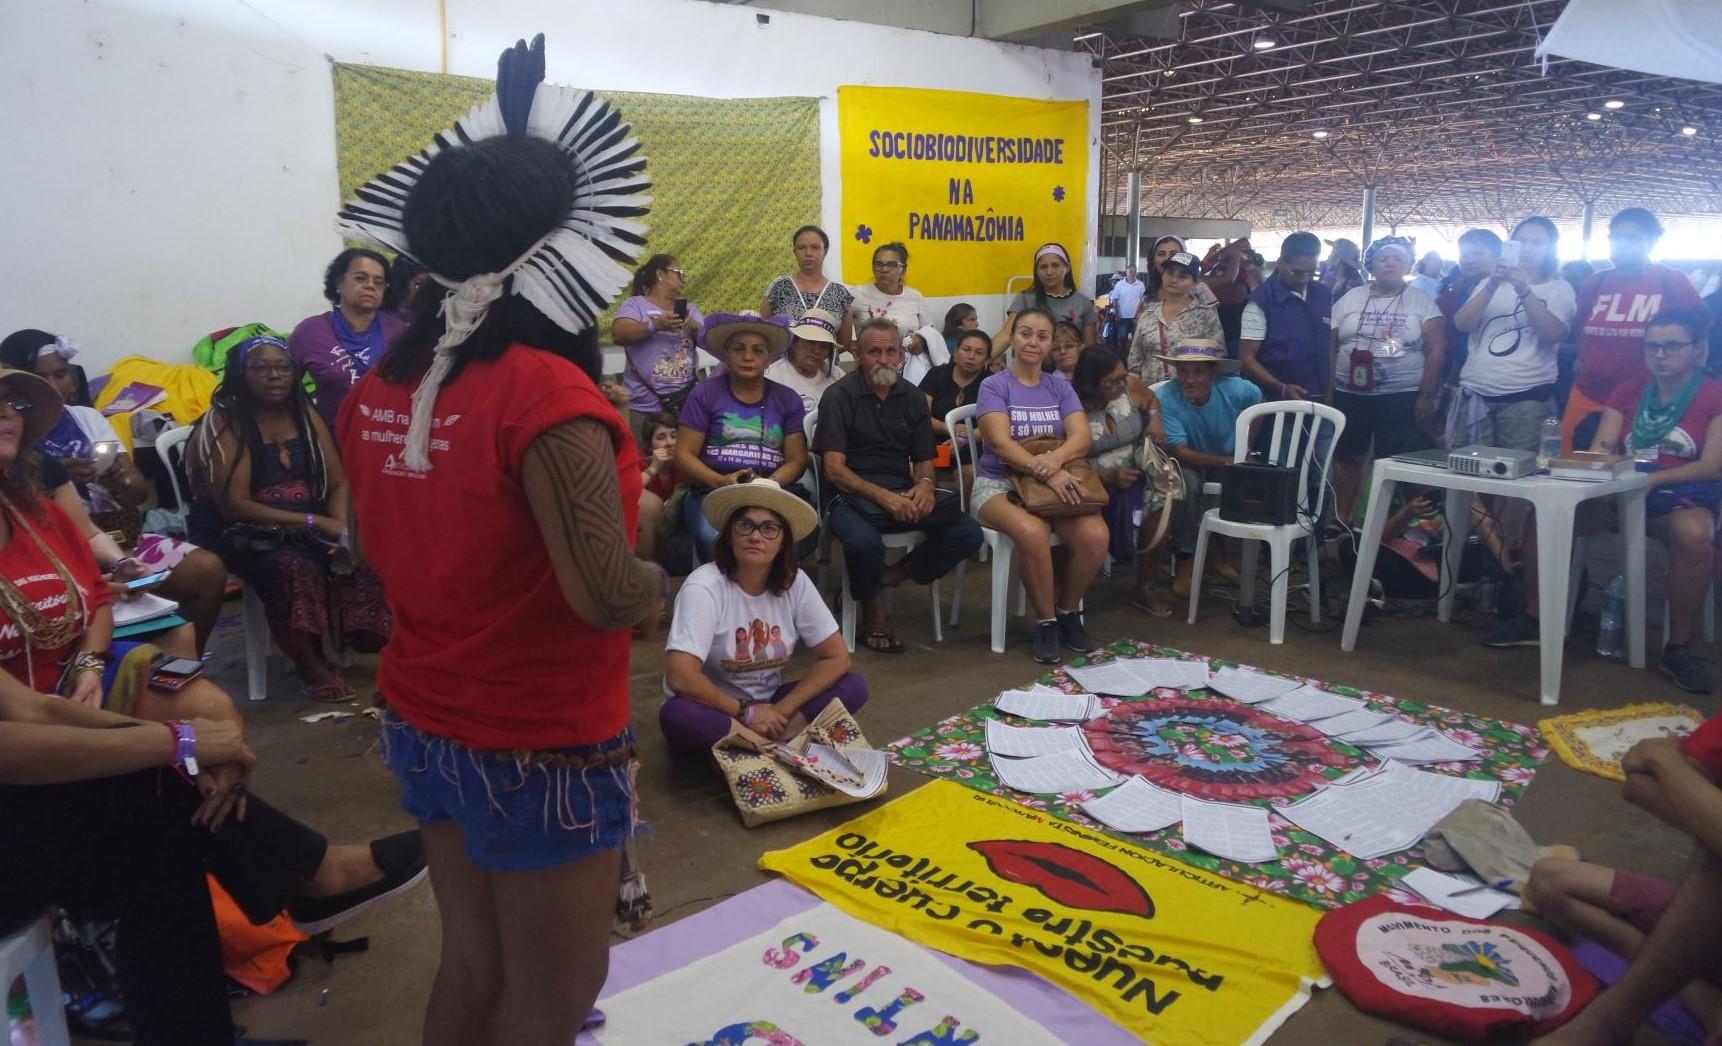 Sociobiodiversidade na Panamazônia nas discussões das Margaridas